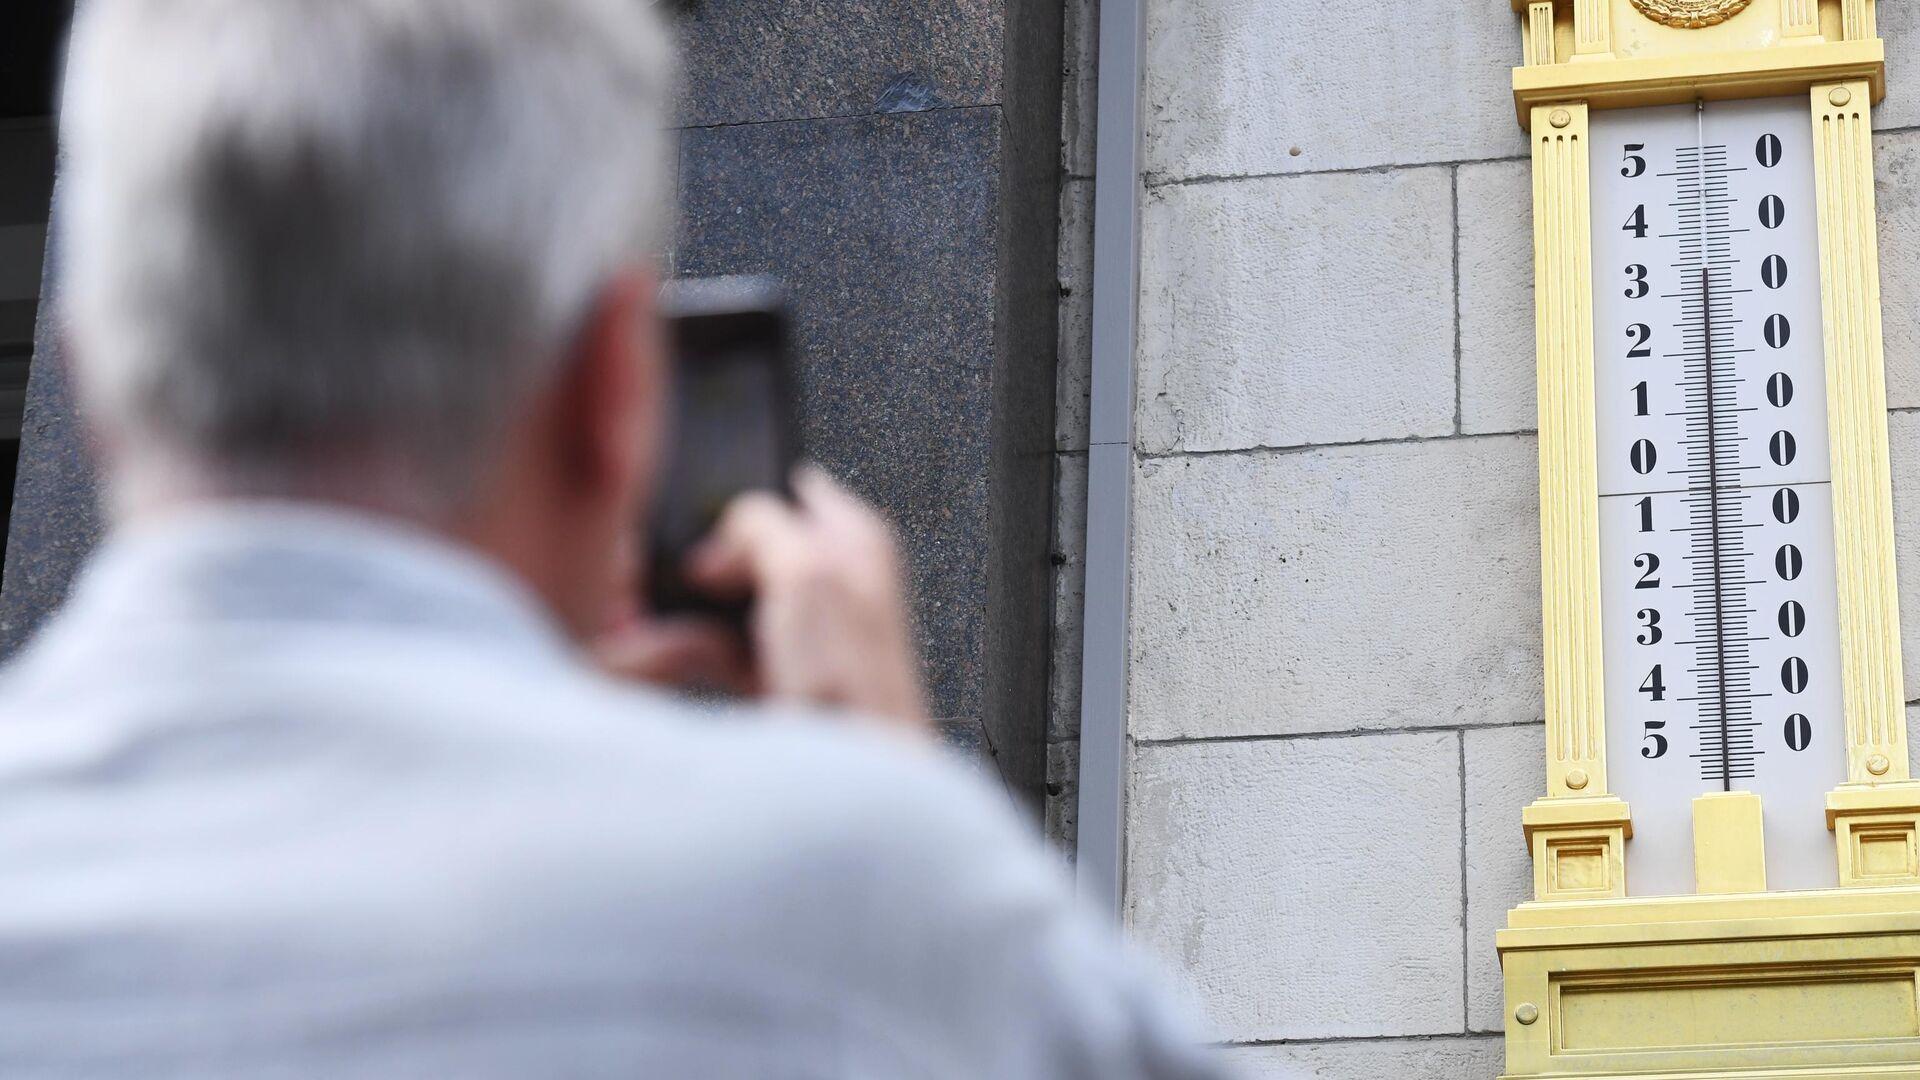 Мужчина фотографирует термометр на здании Государственной Думы РФ в Москве - РИА Новости, 1920, 18.05.2021